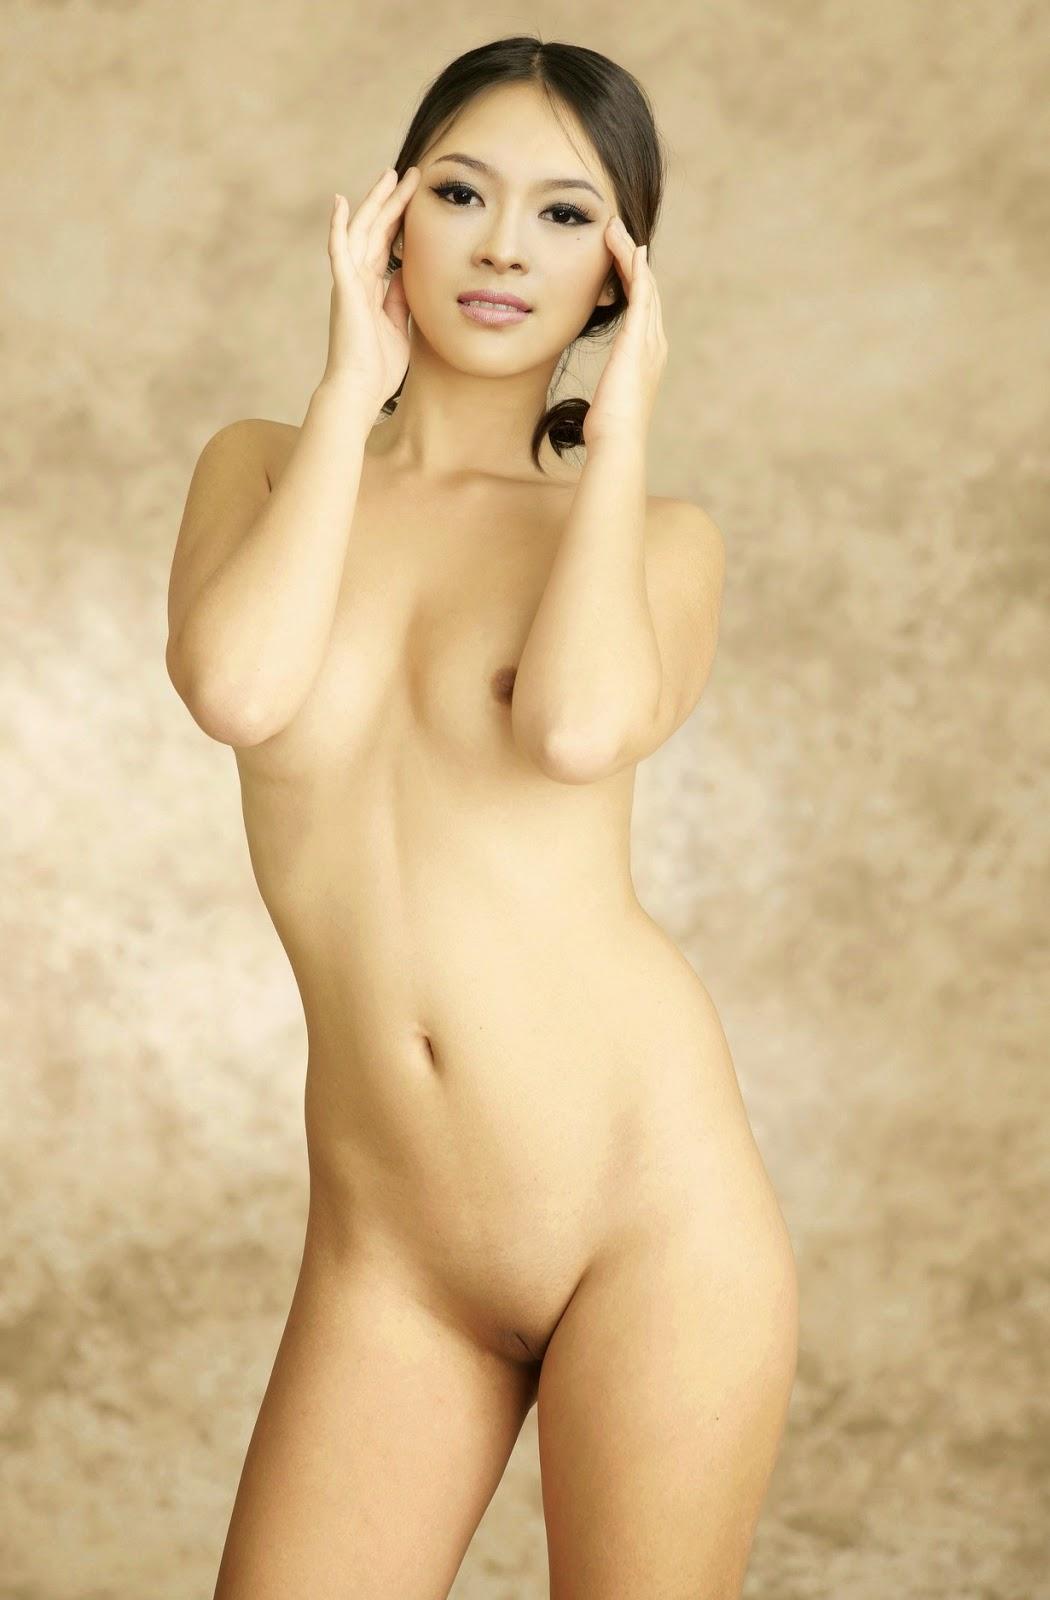 Actress asia nude 5